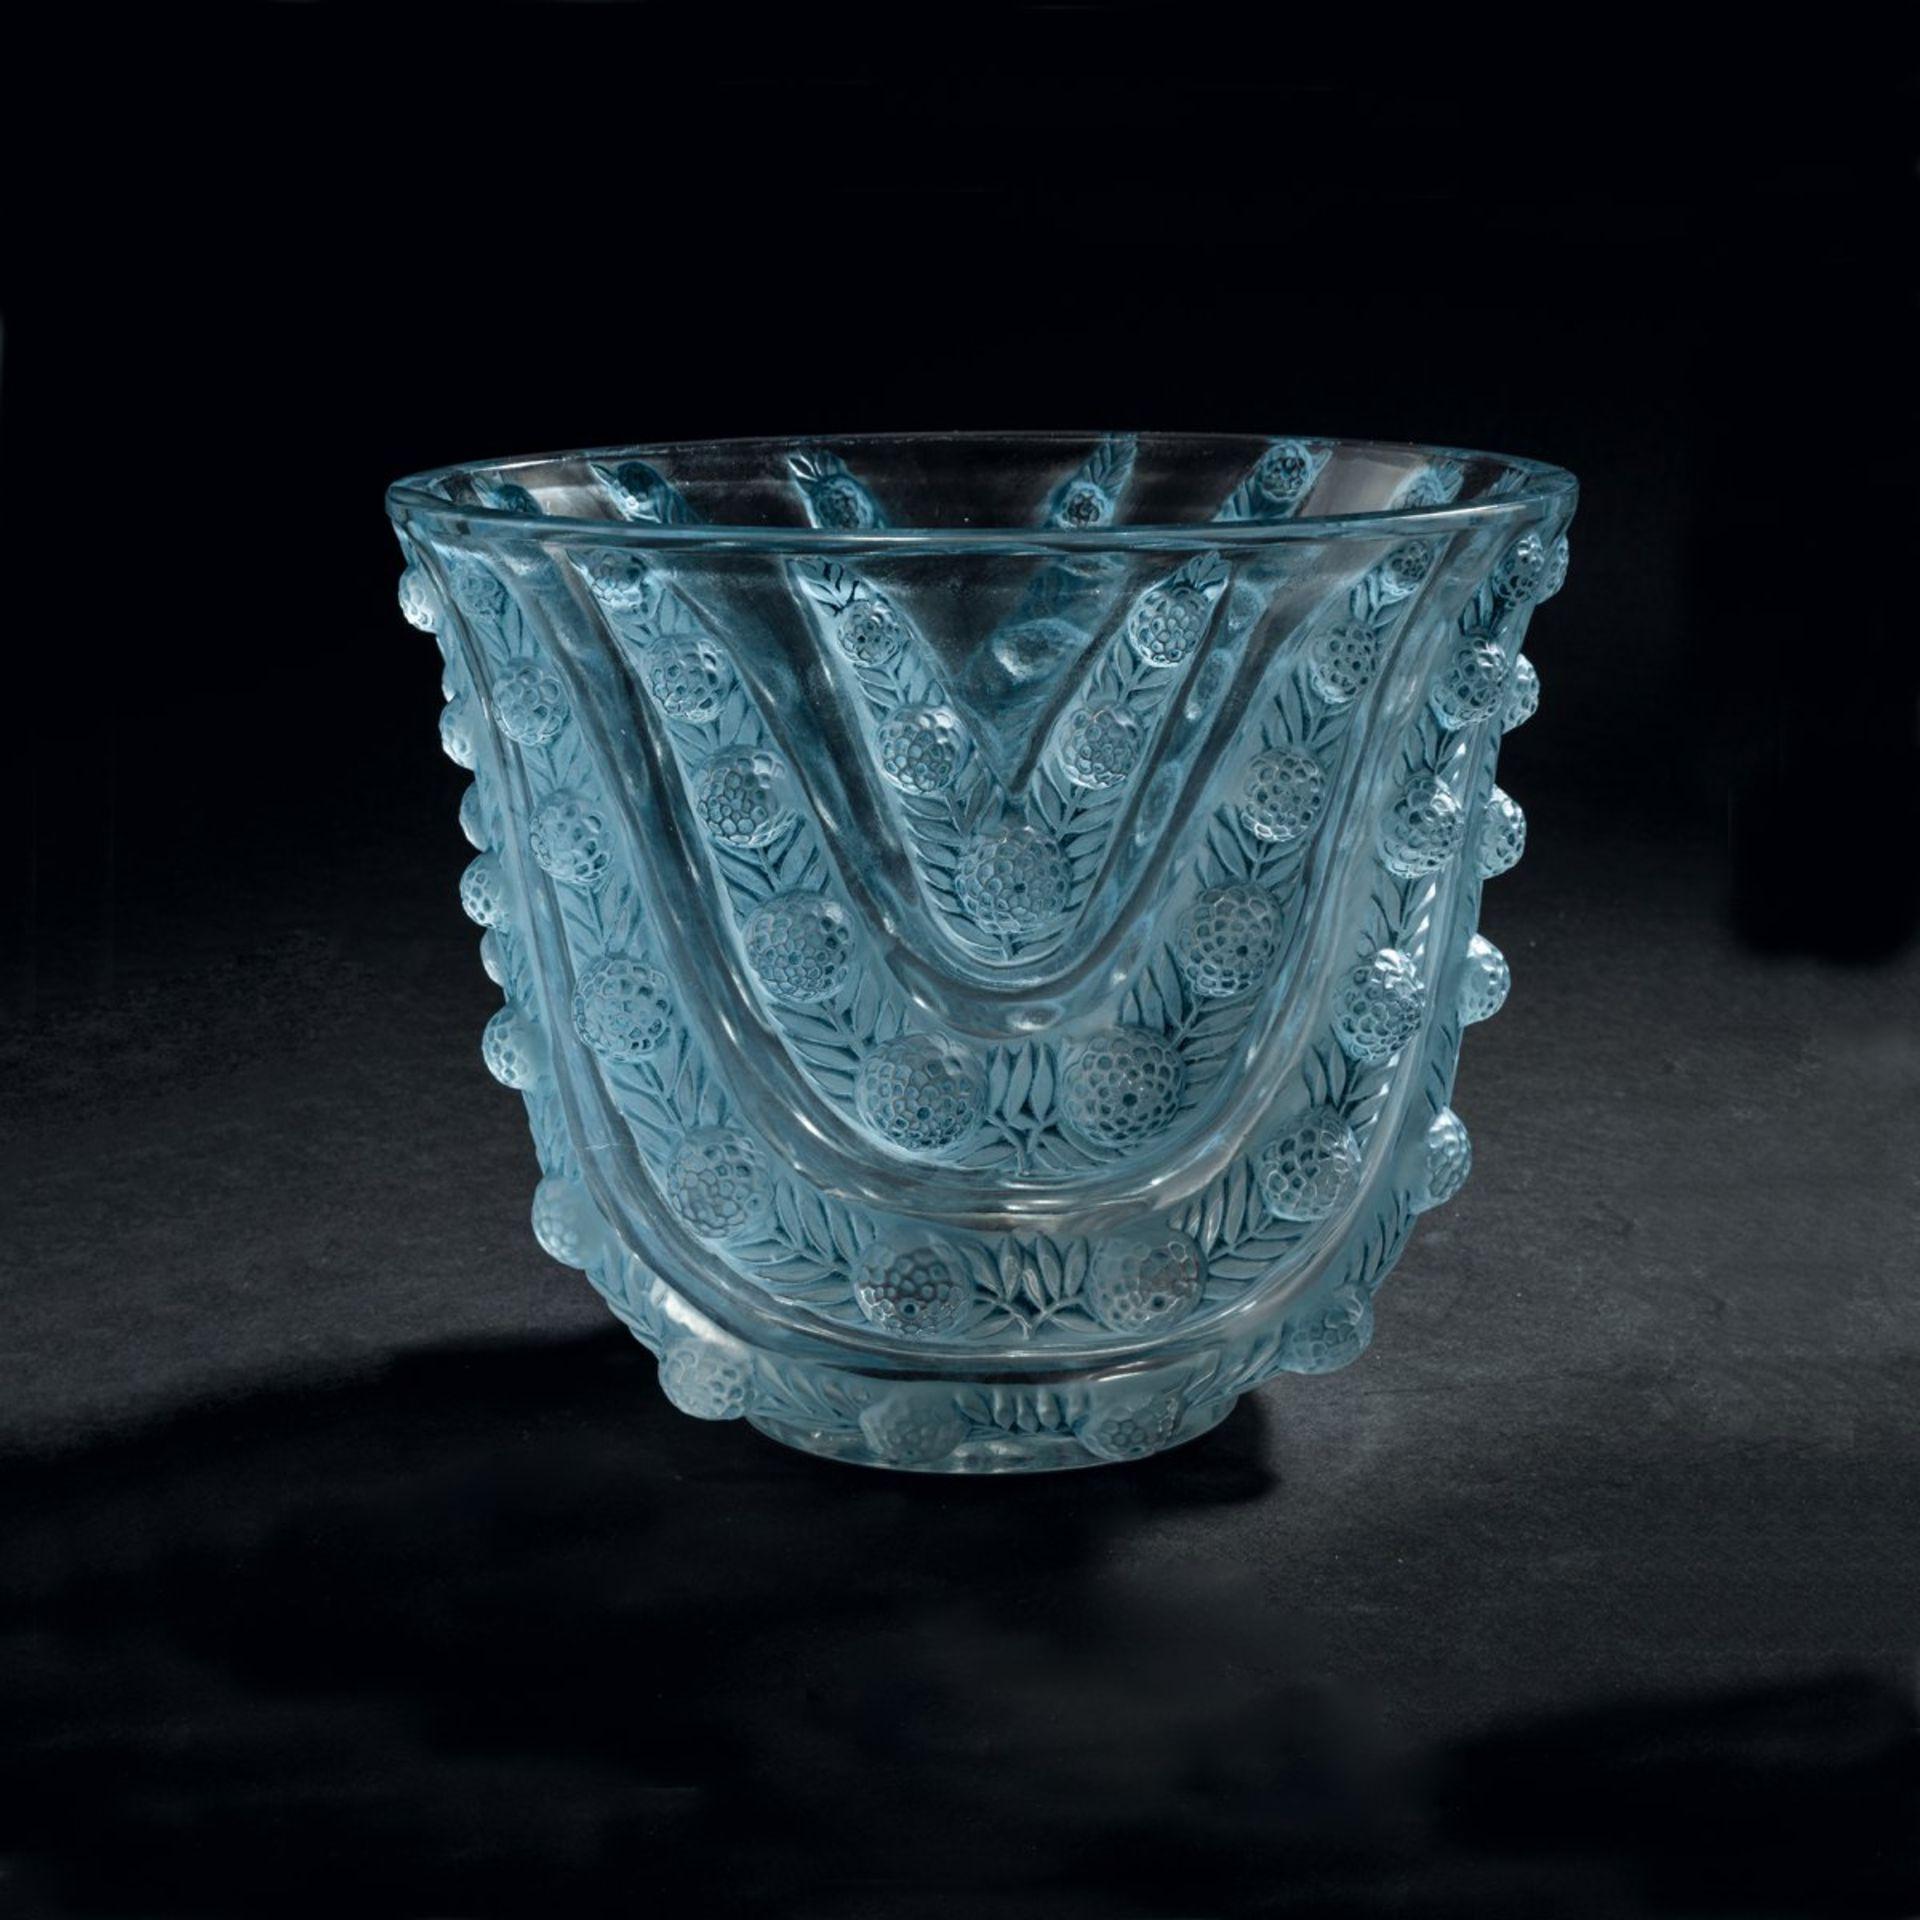 René Lalique, Vase 'Vichy', 1937